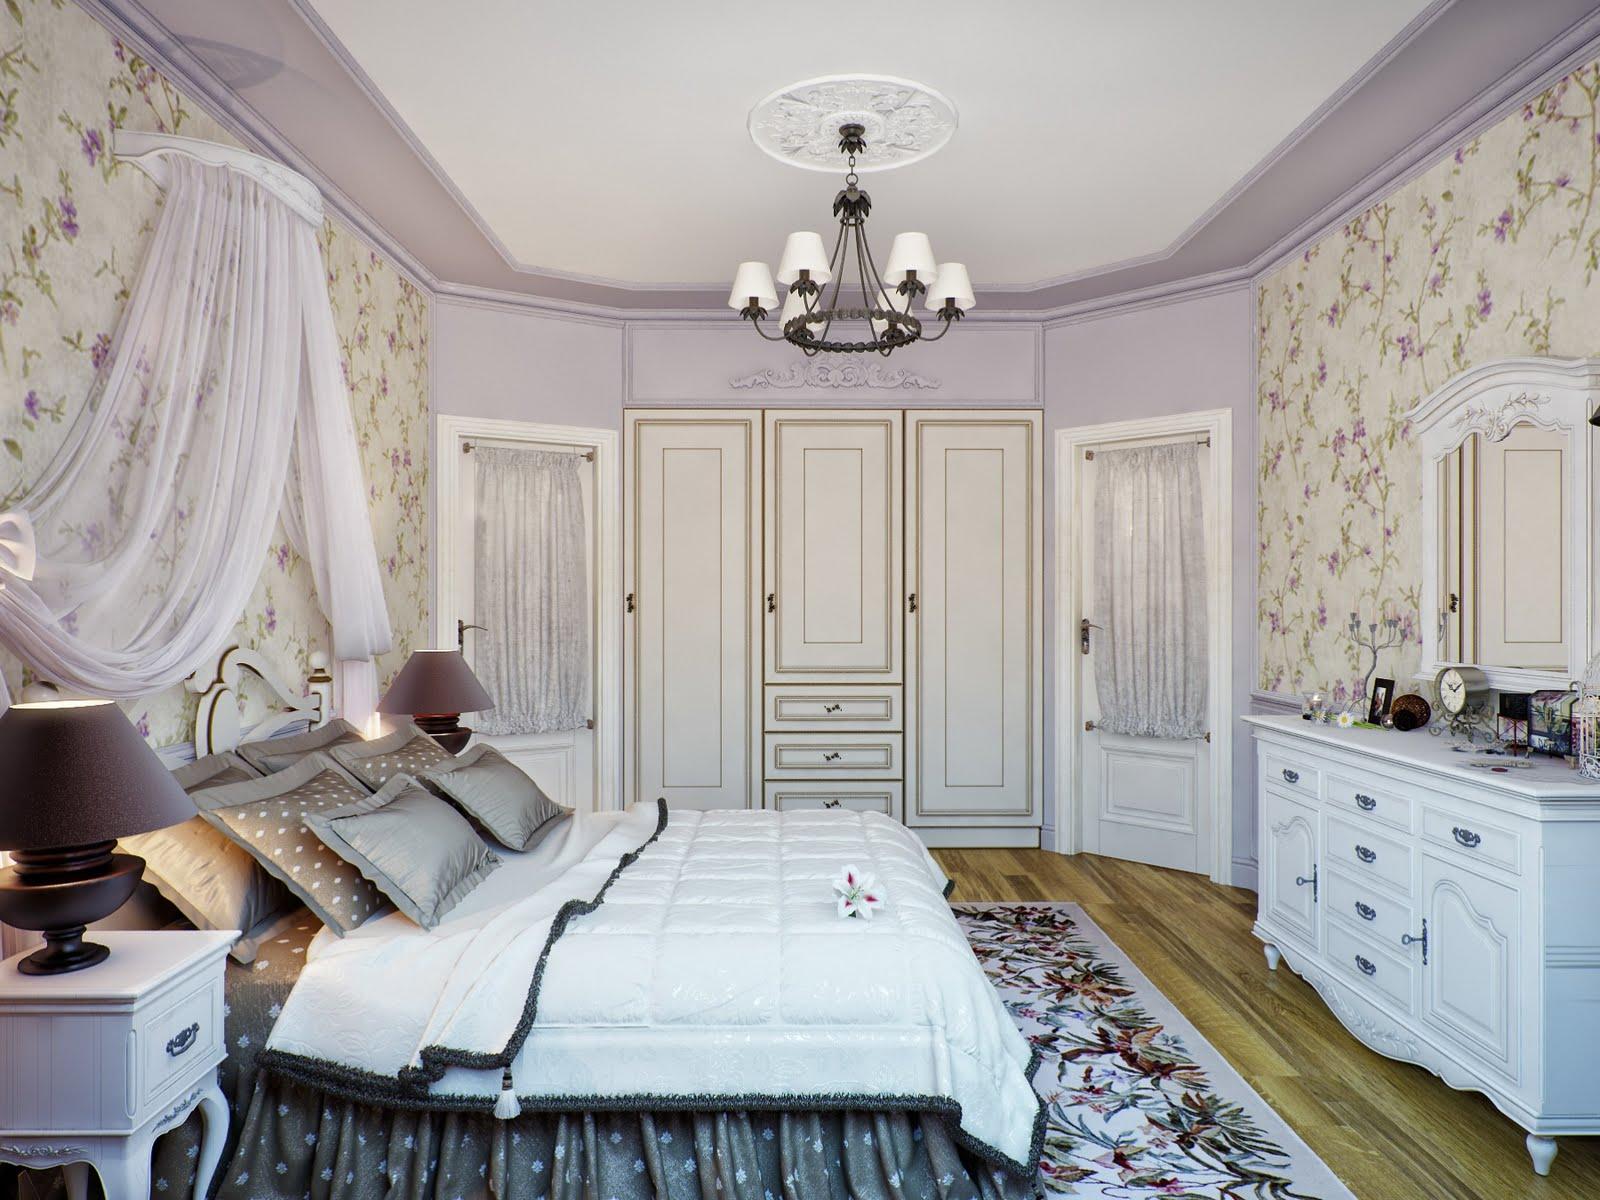 Нежные цветочные обои в интерьере спальни